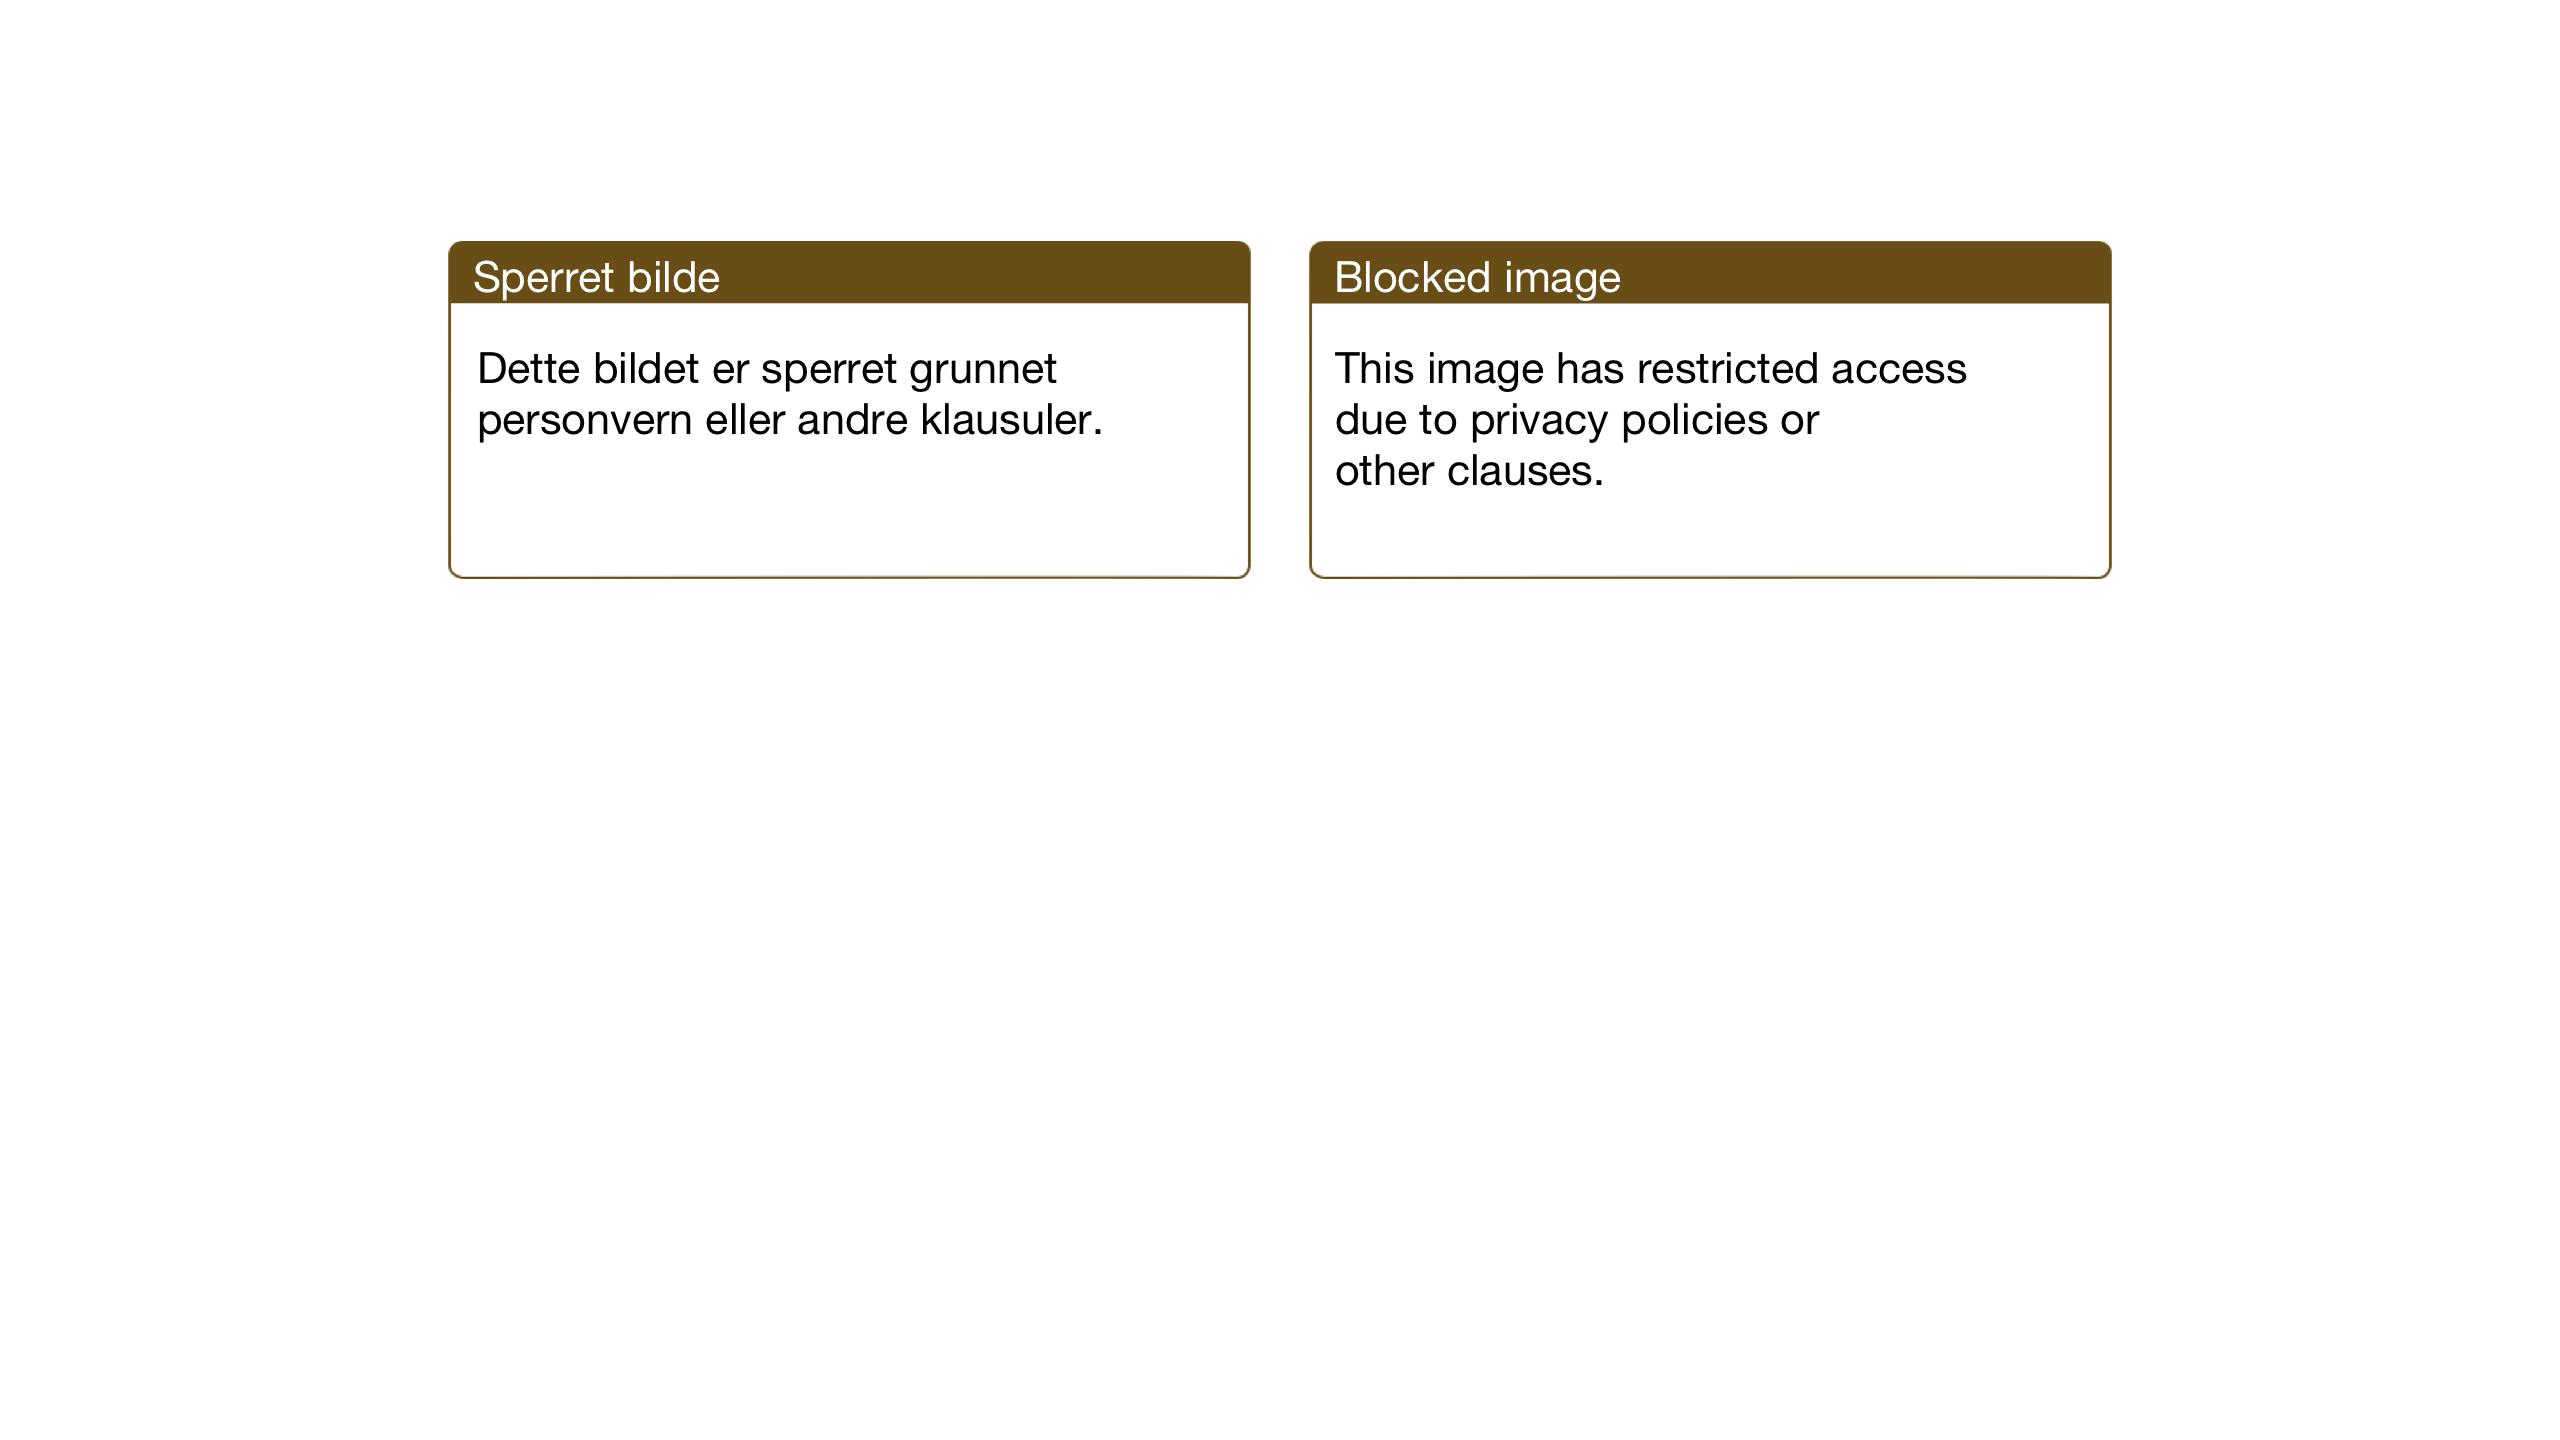 SAT, Ministerialprotokoller, klokkerbøker og fødselsregistre - Sør-Trøndelag, 652/L0654: Klokkerbok nr. 652C02, 1910-1937, s. 51